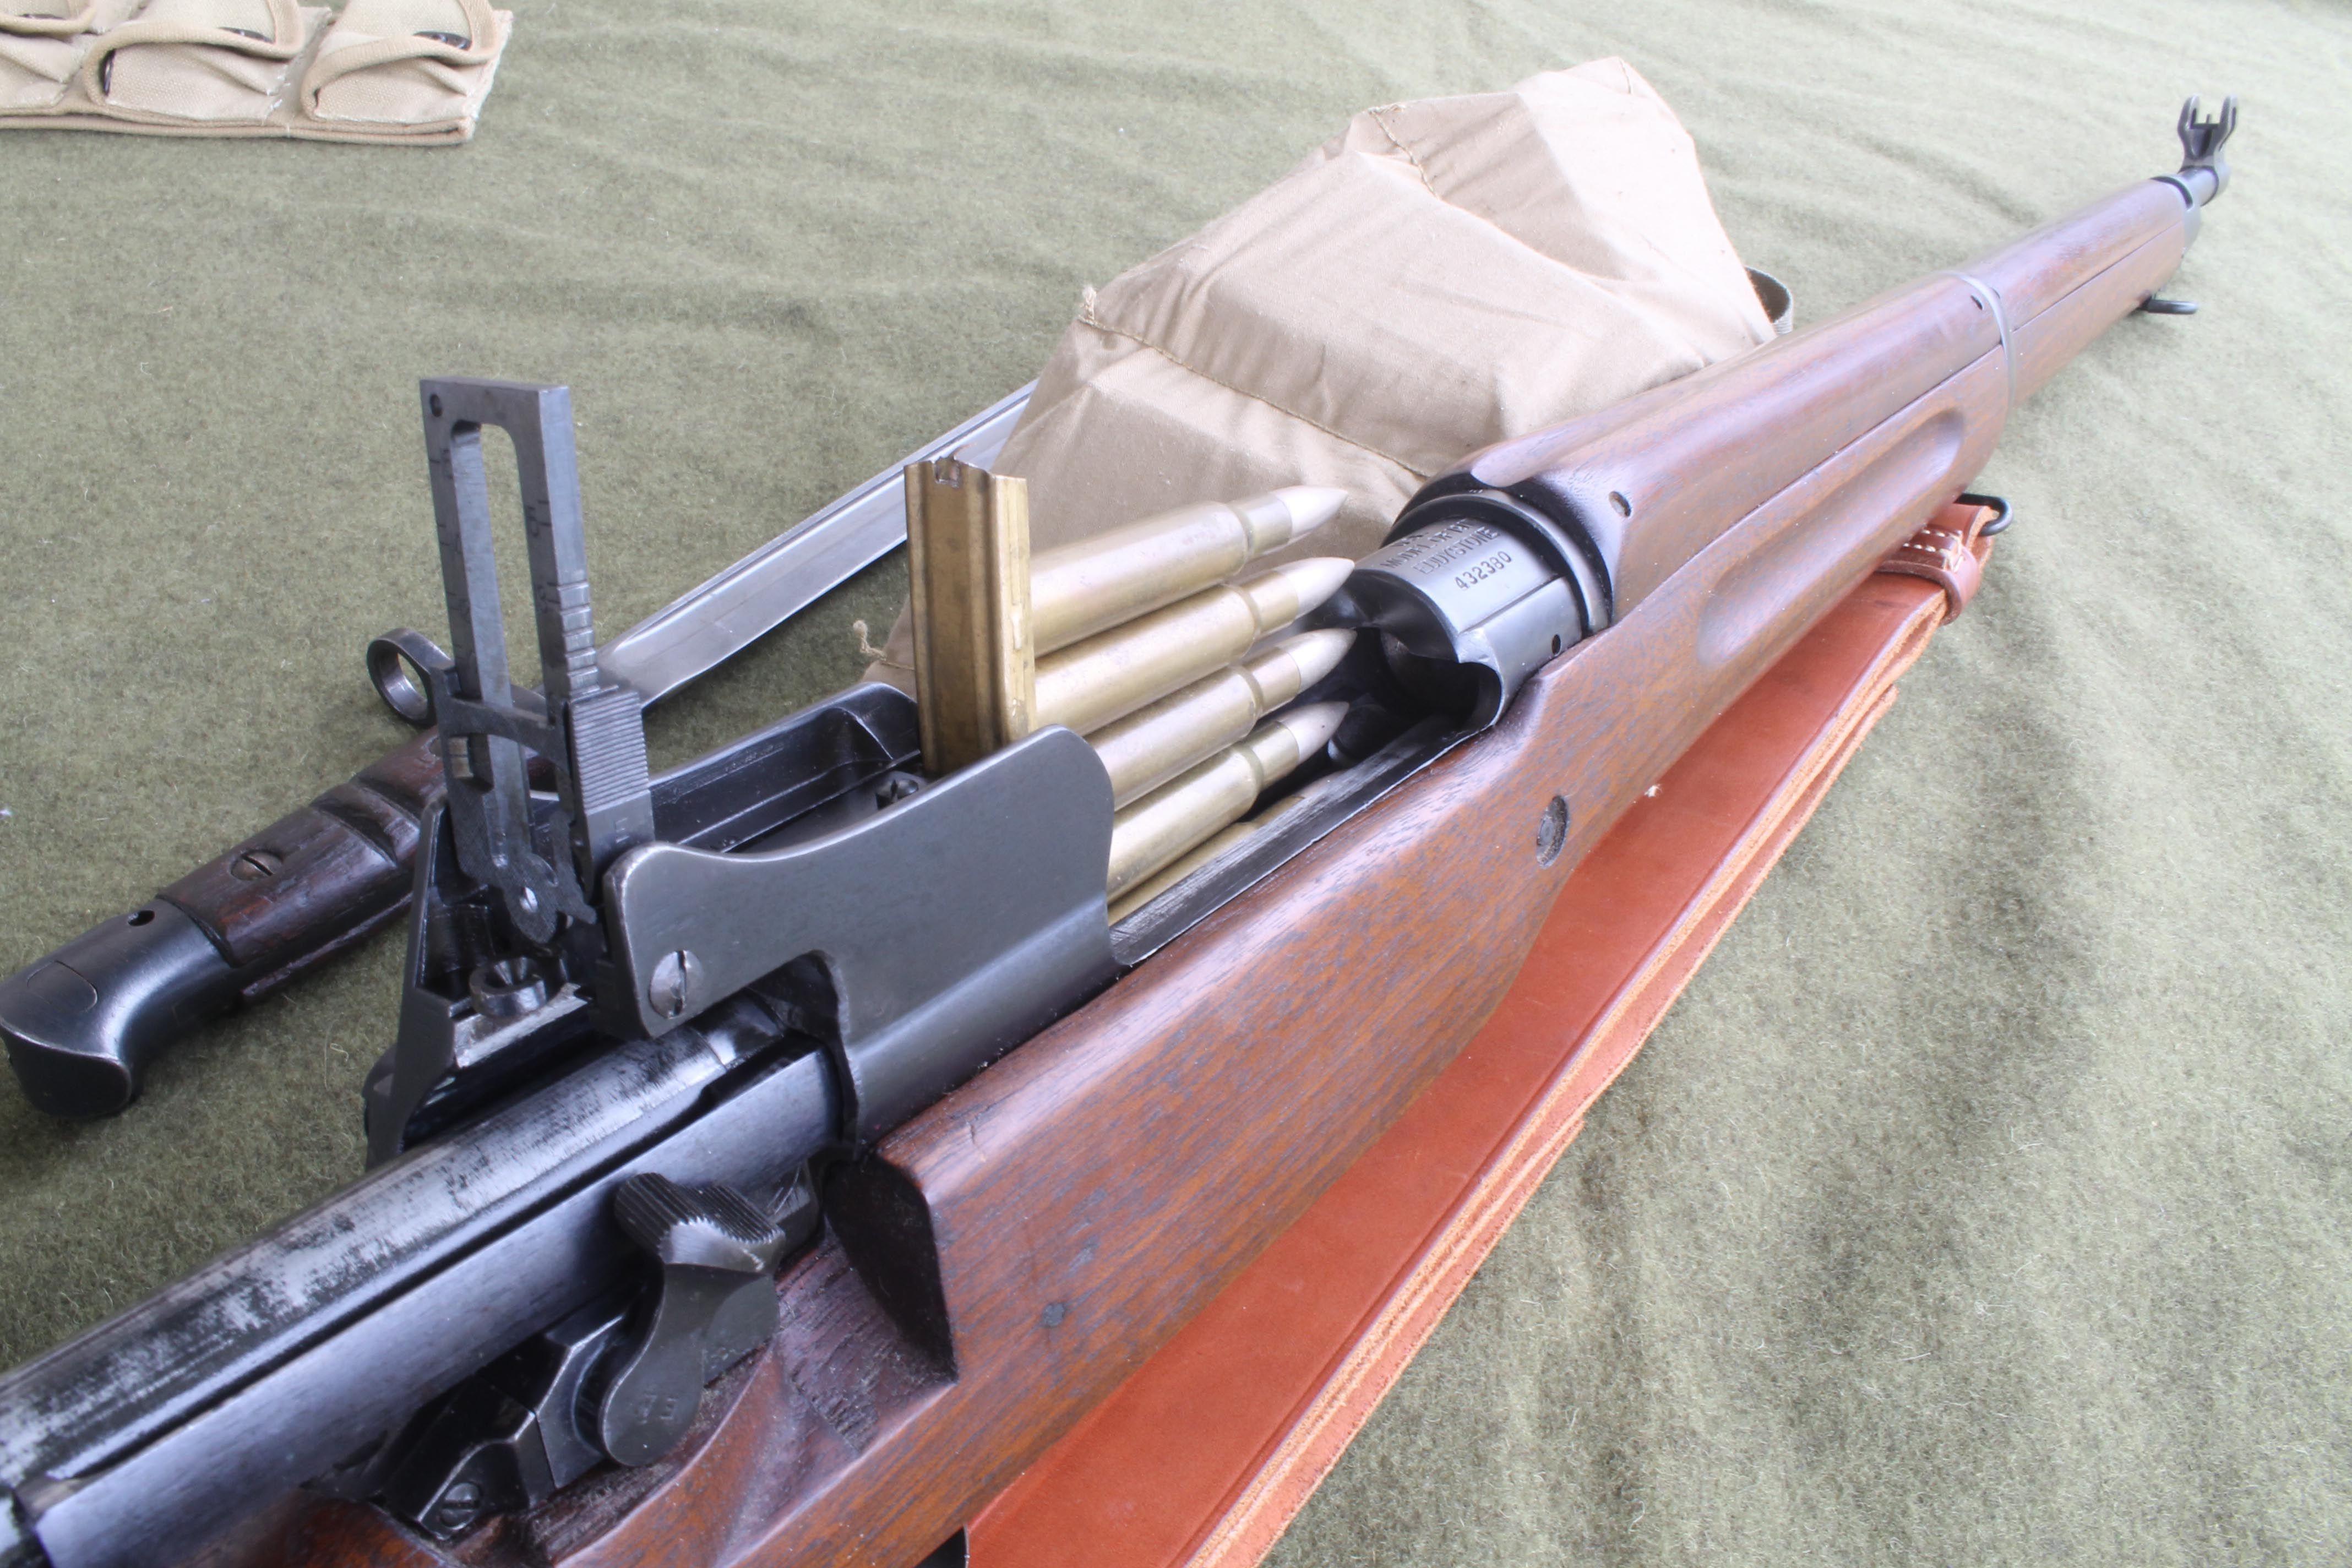 Eddystone M1917 Enfield Lee Enfield Firearms Rifles Ww2 Tanks Weapons